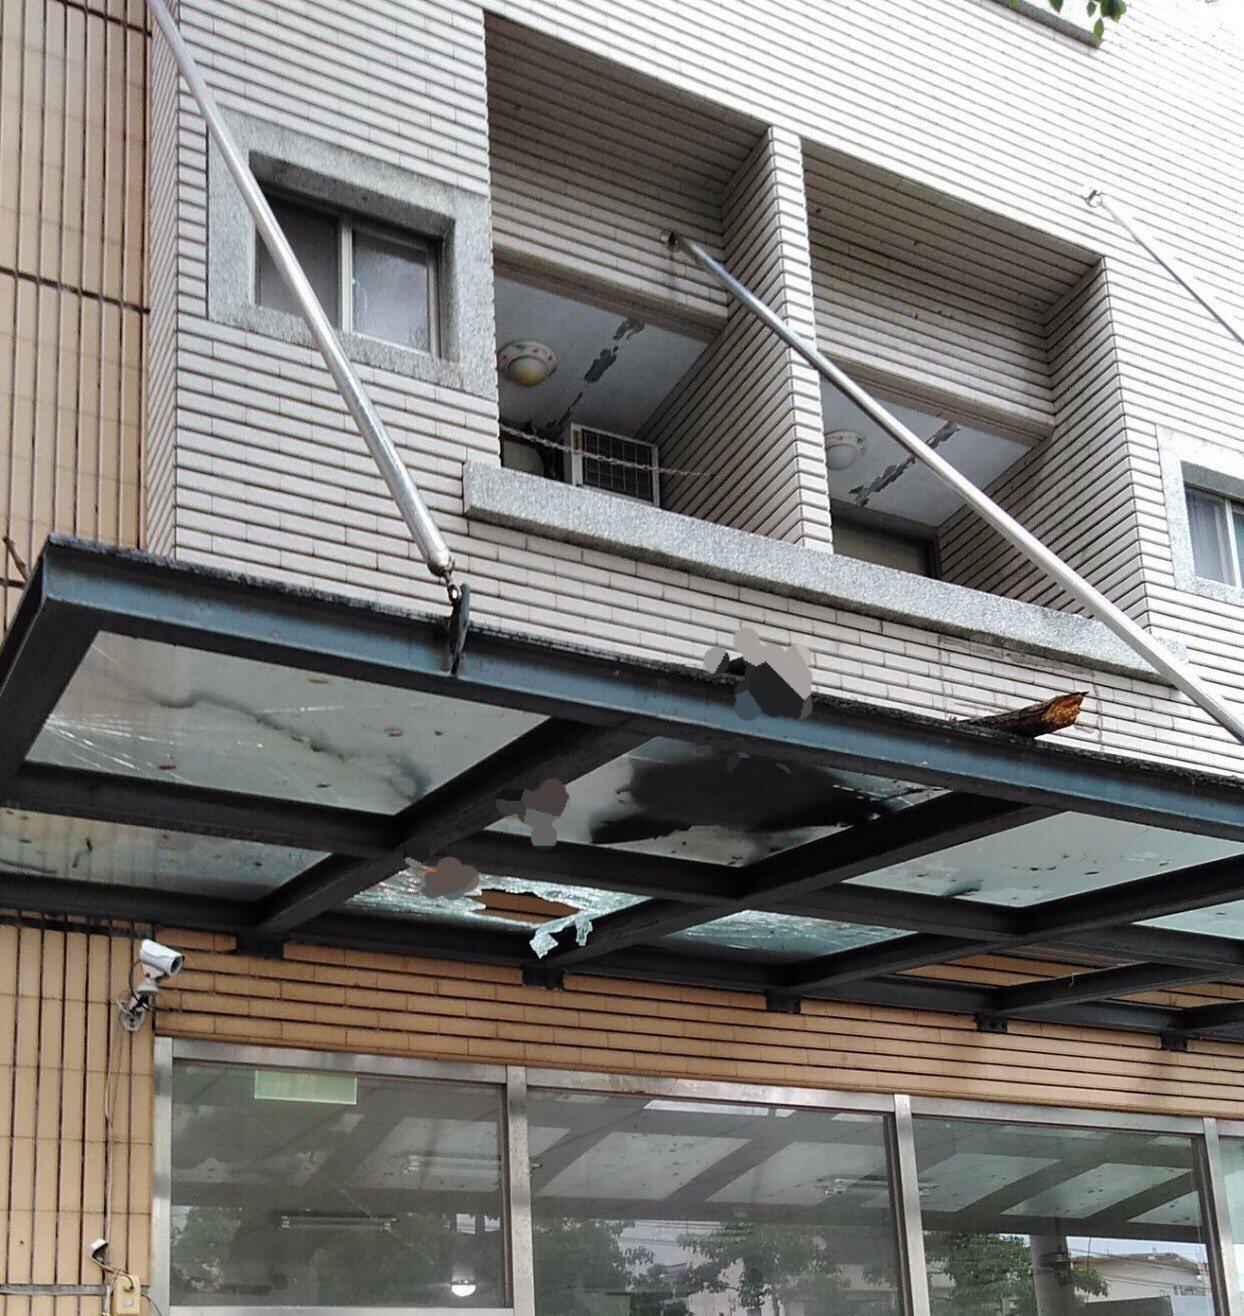 台中市沙鹿區台灣大道七段一處大樓,今天上午8時許驚傳墜樓事件。記者余采瀅/翻攝